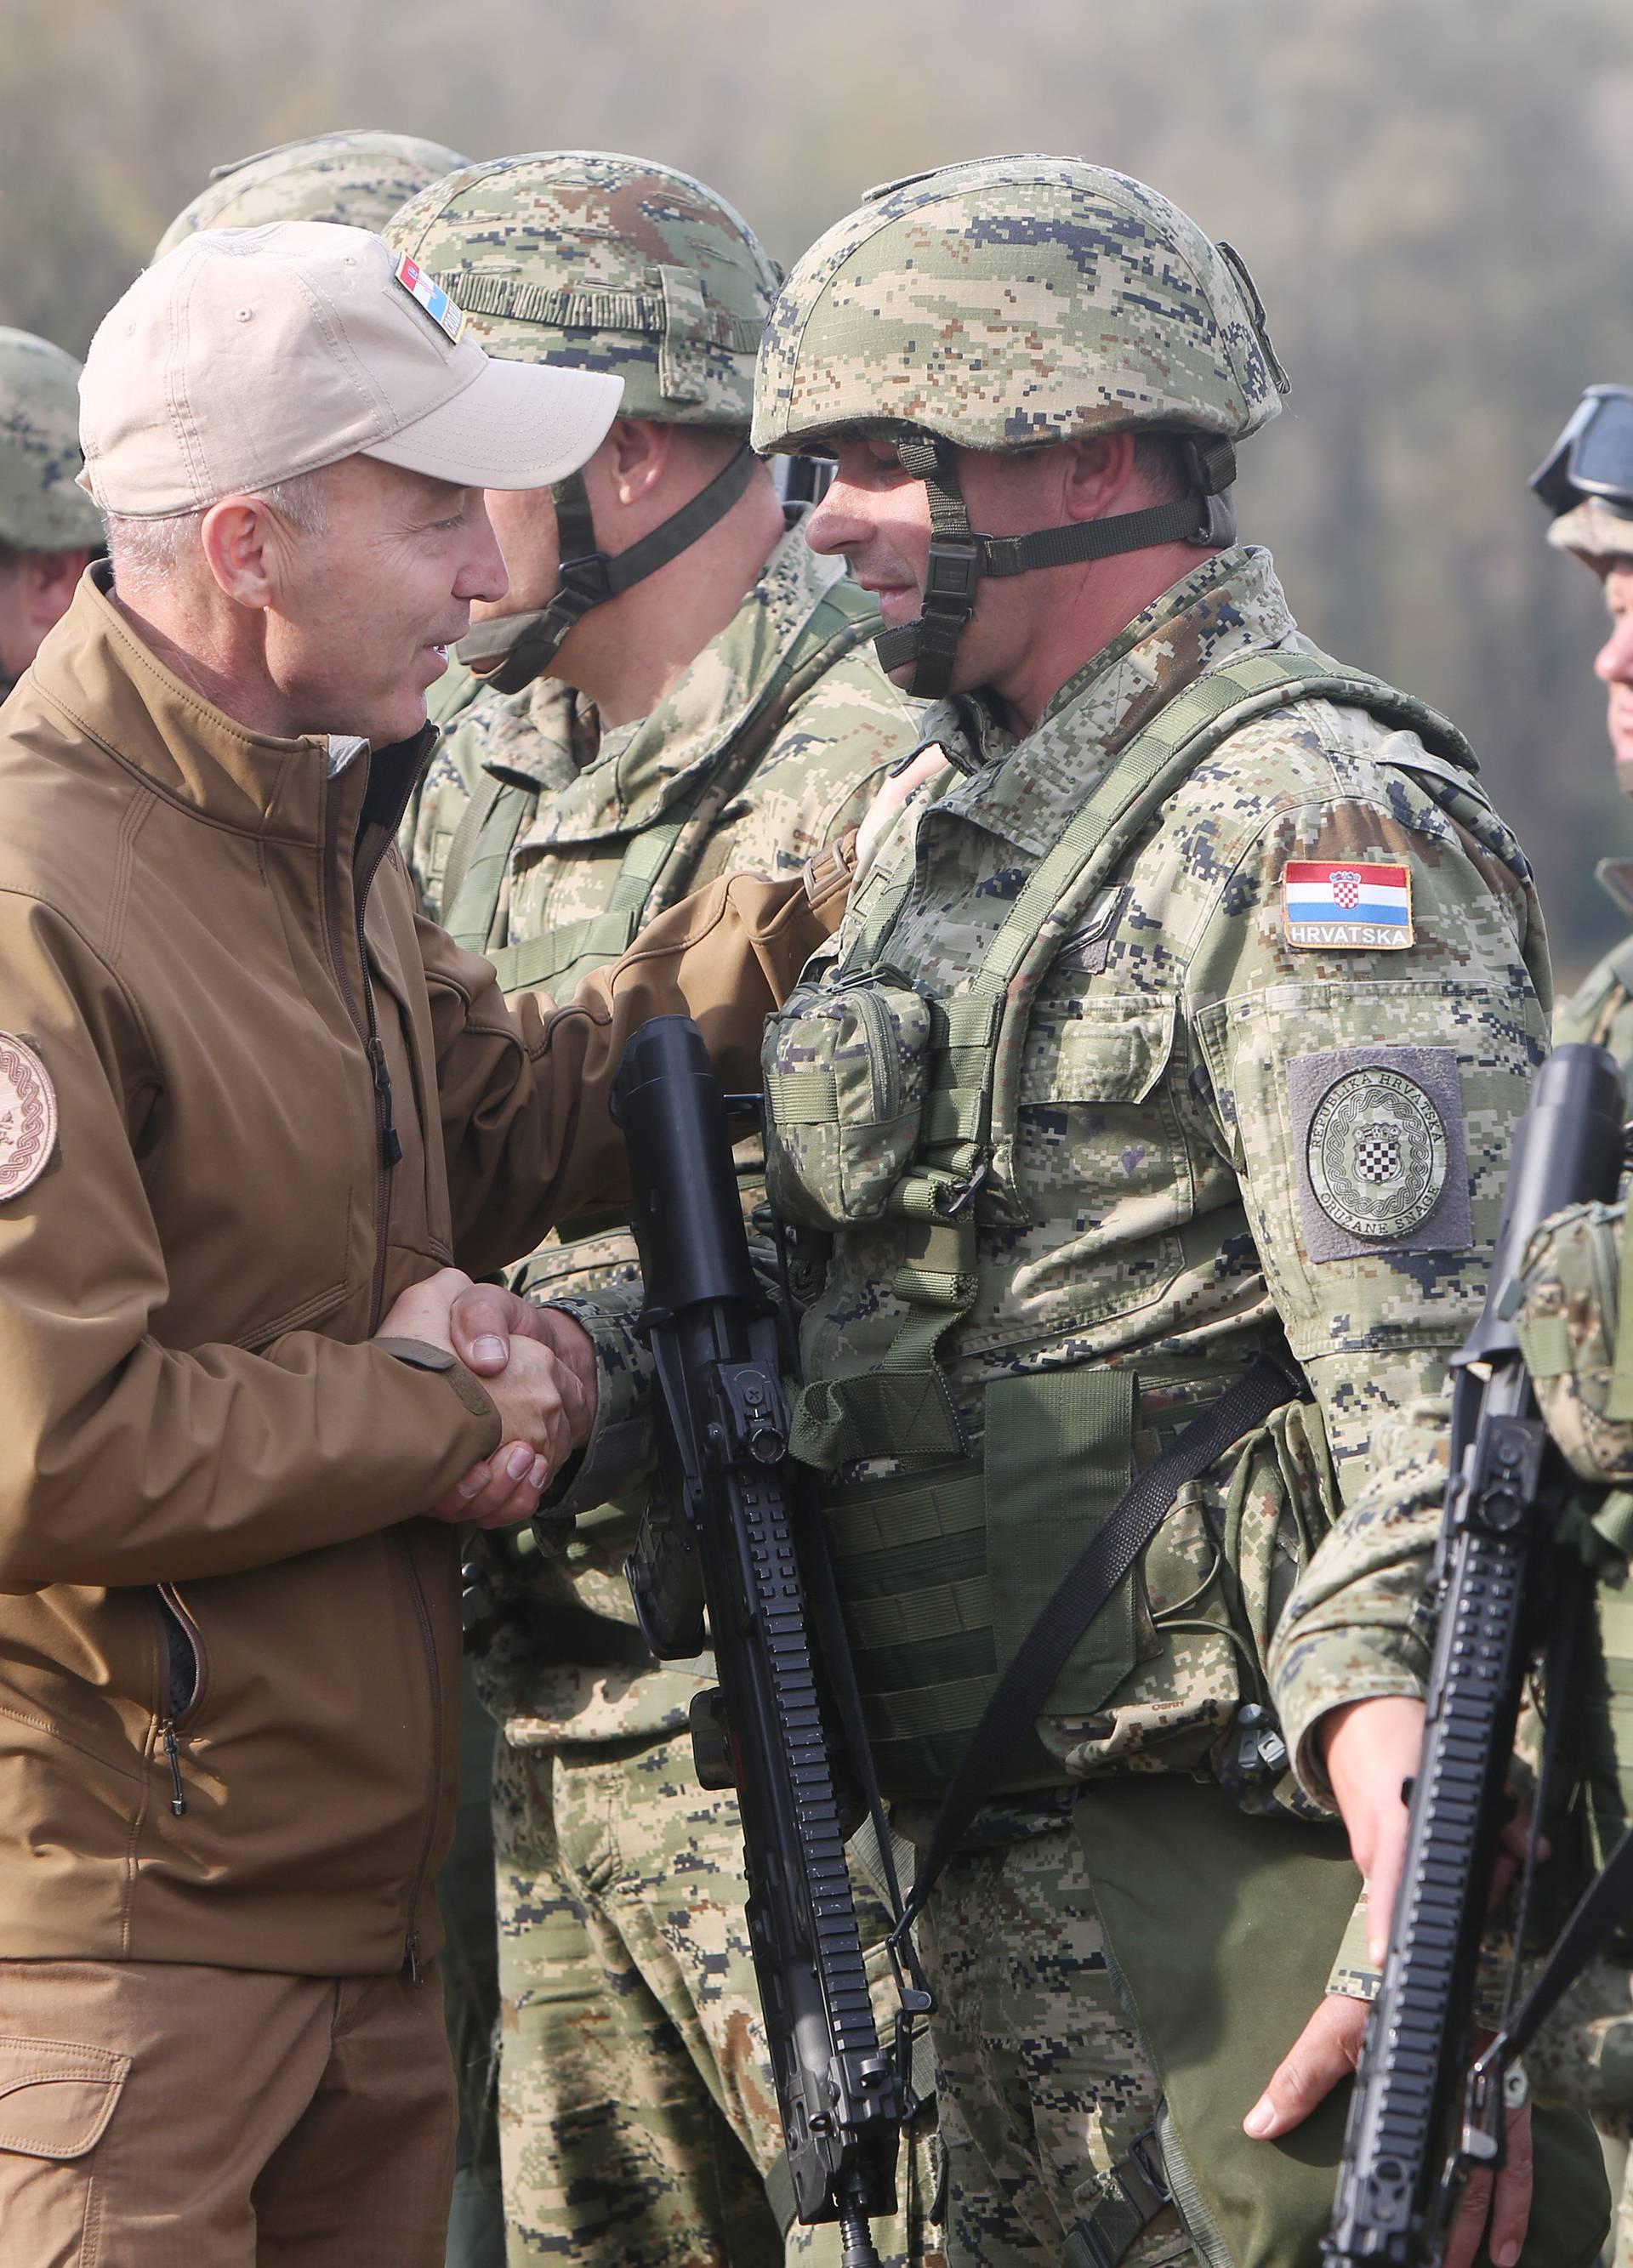 Hrvatska povlači svoje vojnike iz misije u Afganistanu?